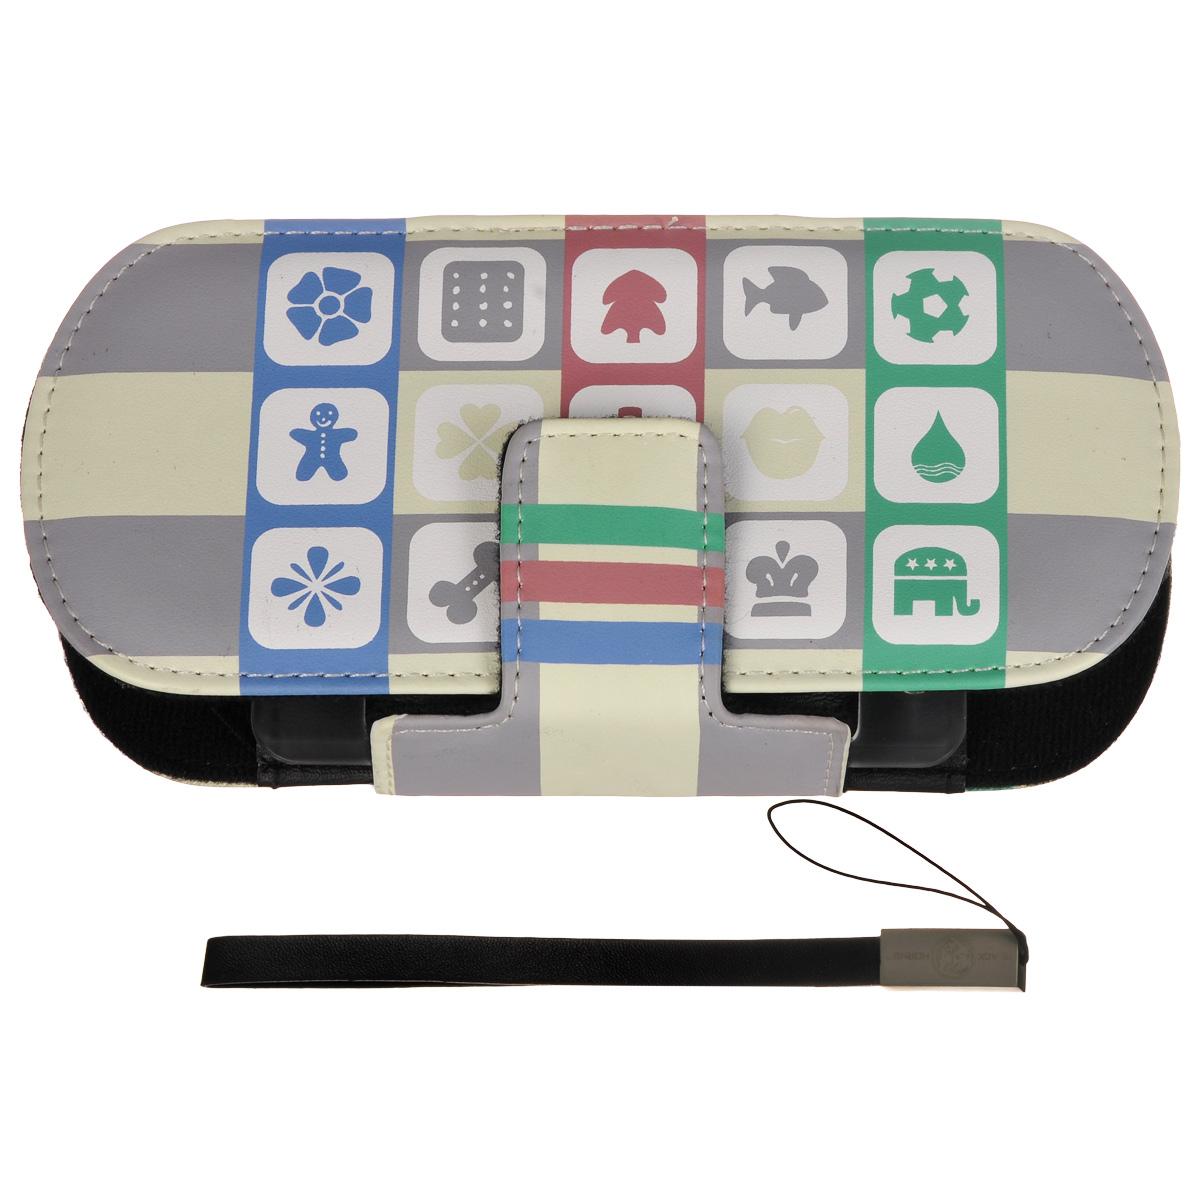 Защитный чехол Free-Style Black Horns для Sony PSP 2000/3000 (N08 пикторгаммы, серый) for sony sony psp 2000 3000 for psp 2000 3000